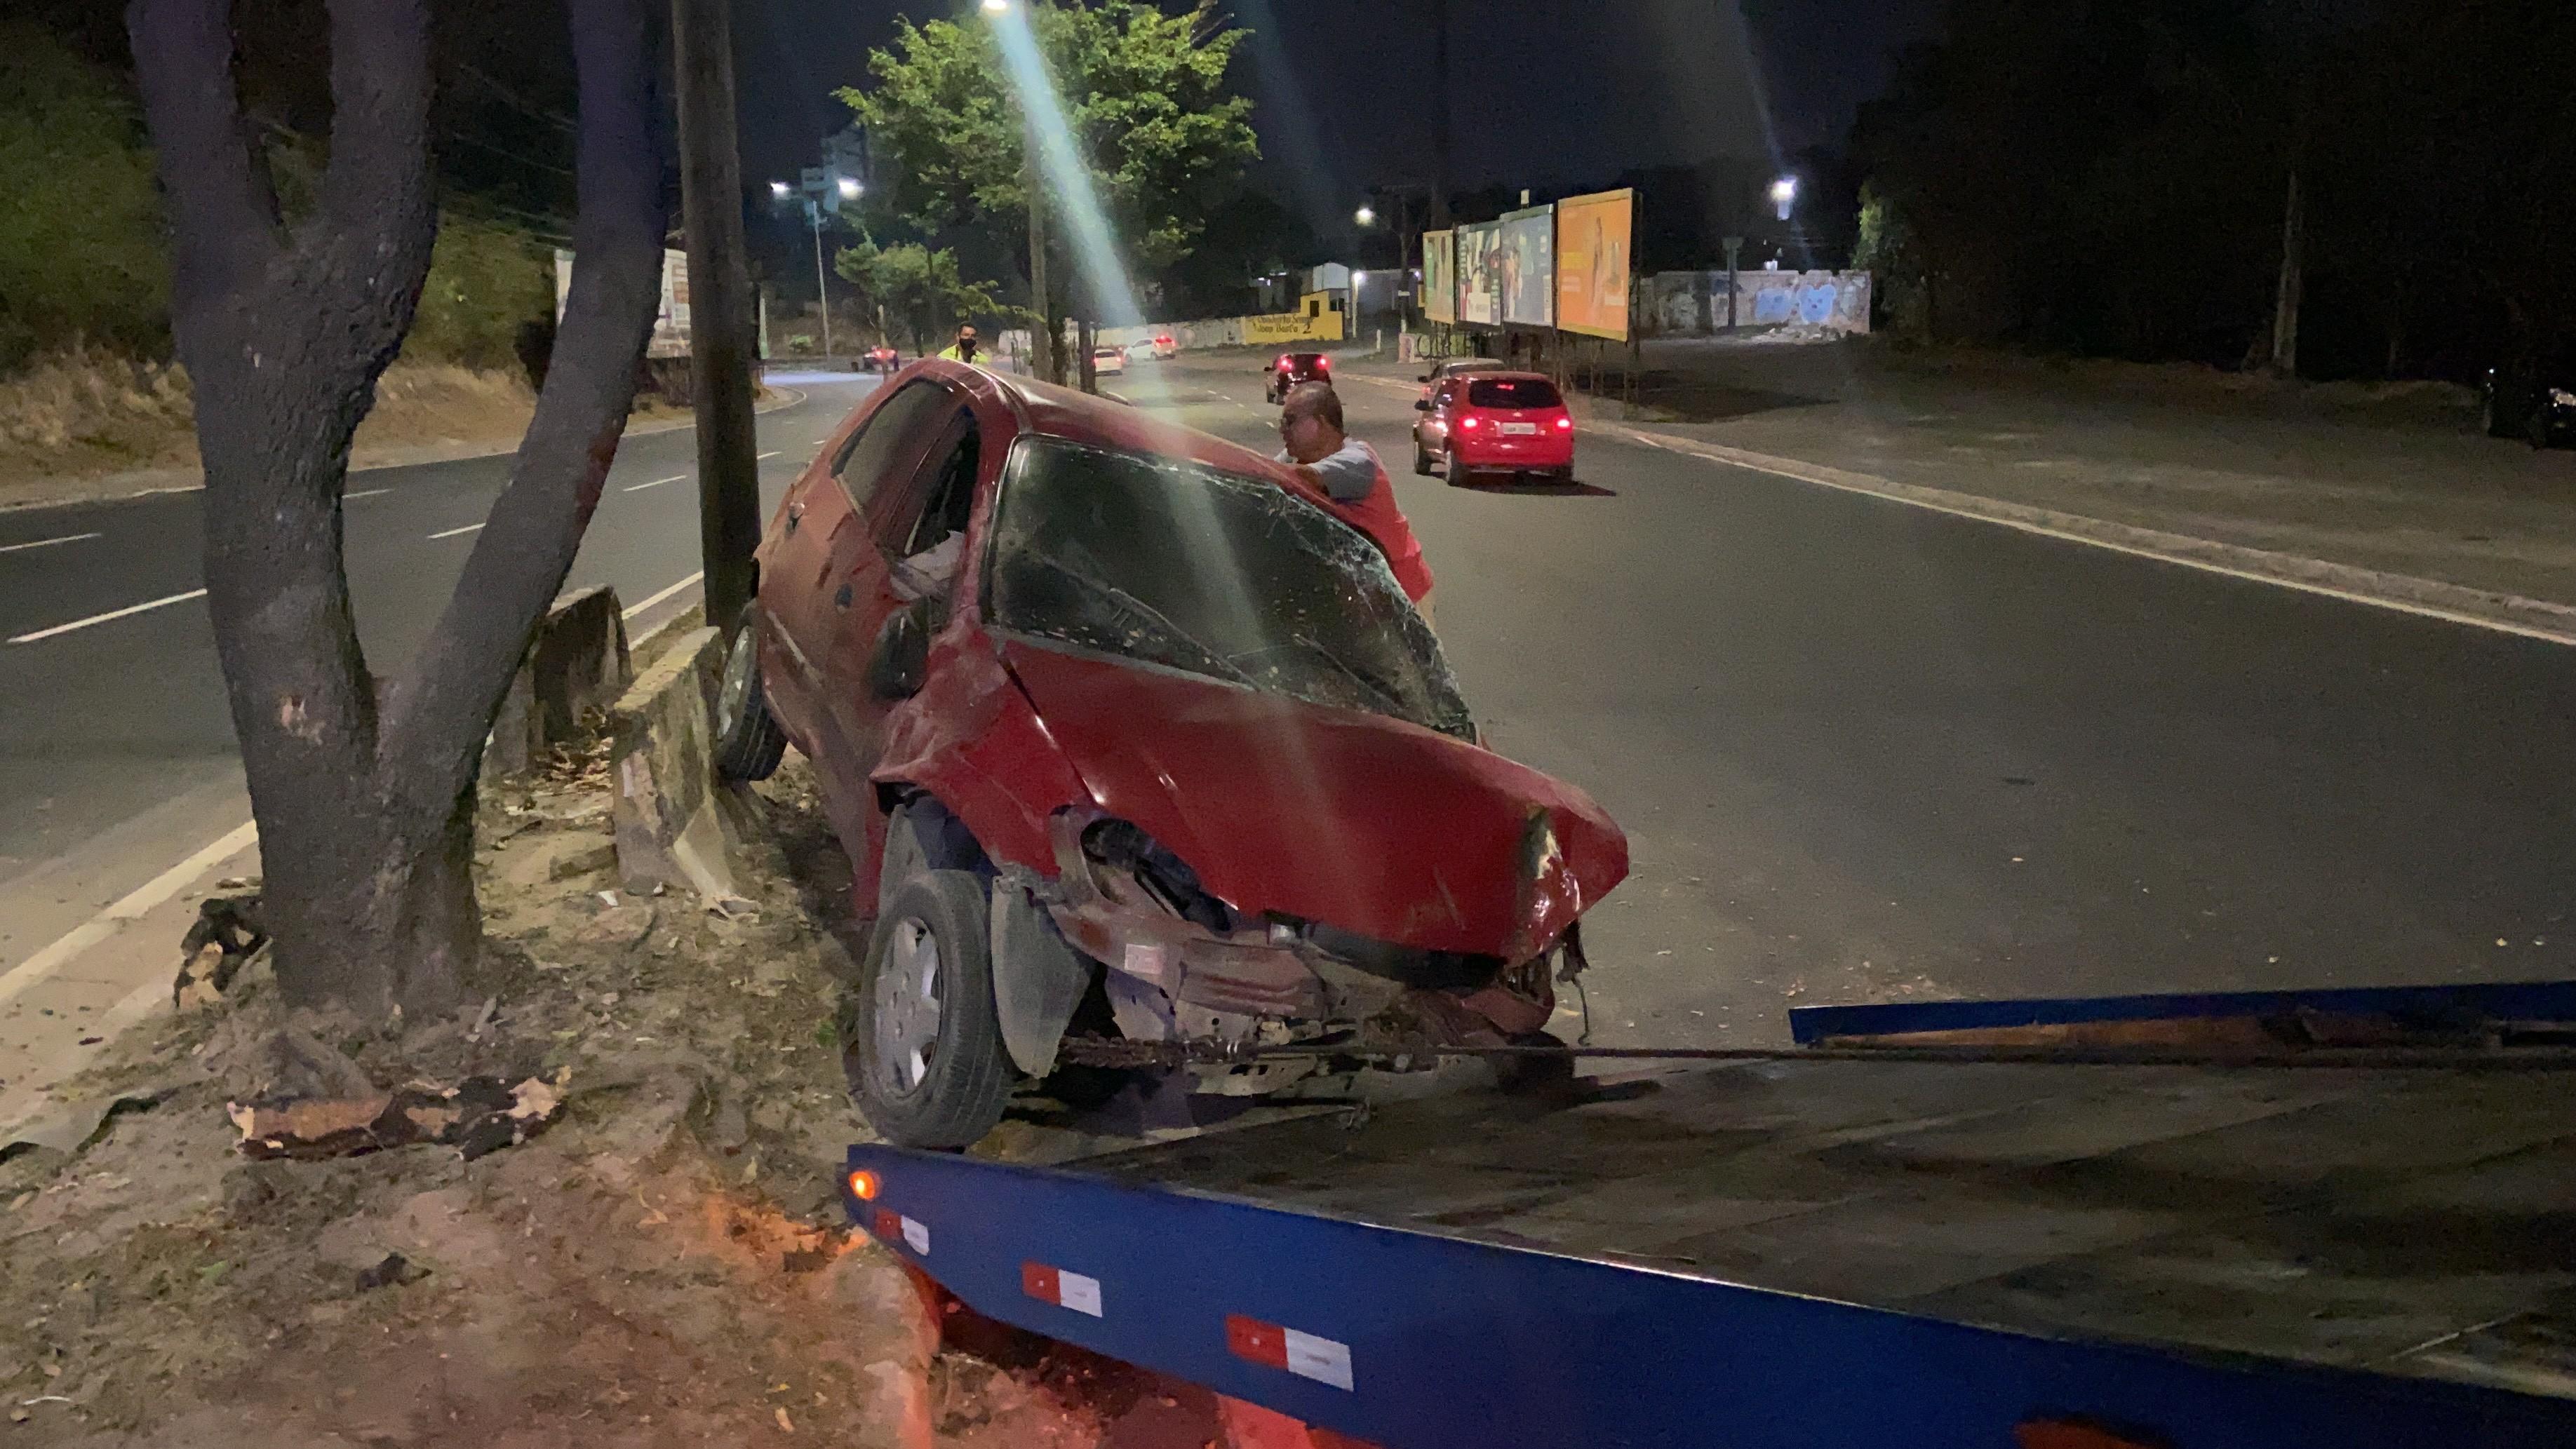 Homem fica ferido após colidir carro contra árvore em canteiro central de Avenida em Manaus